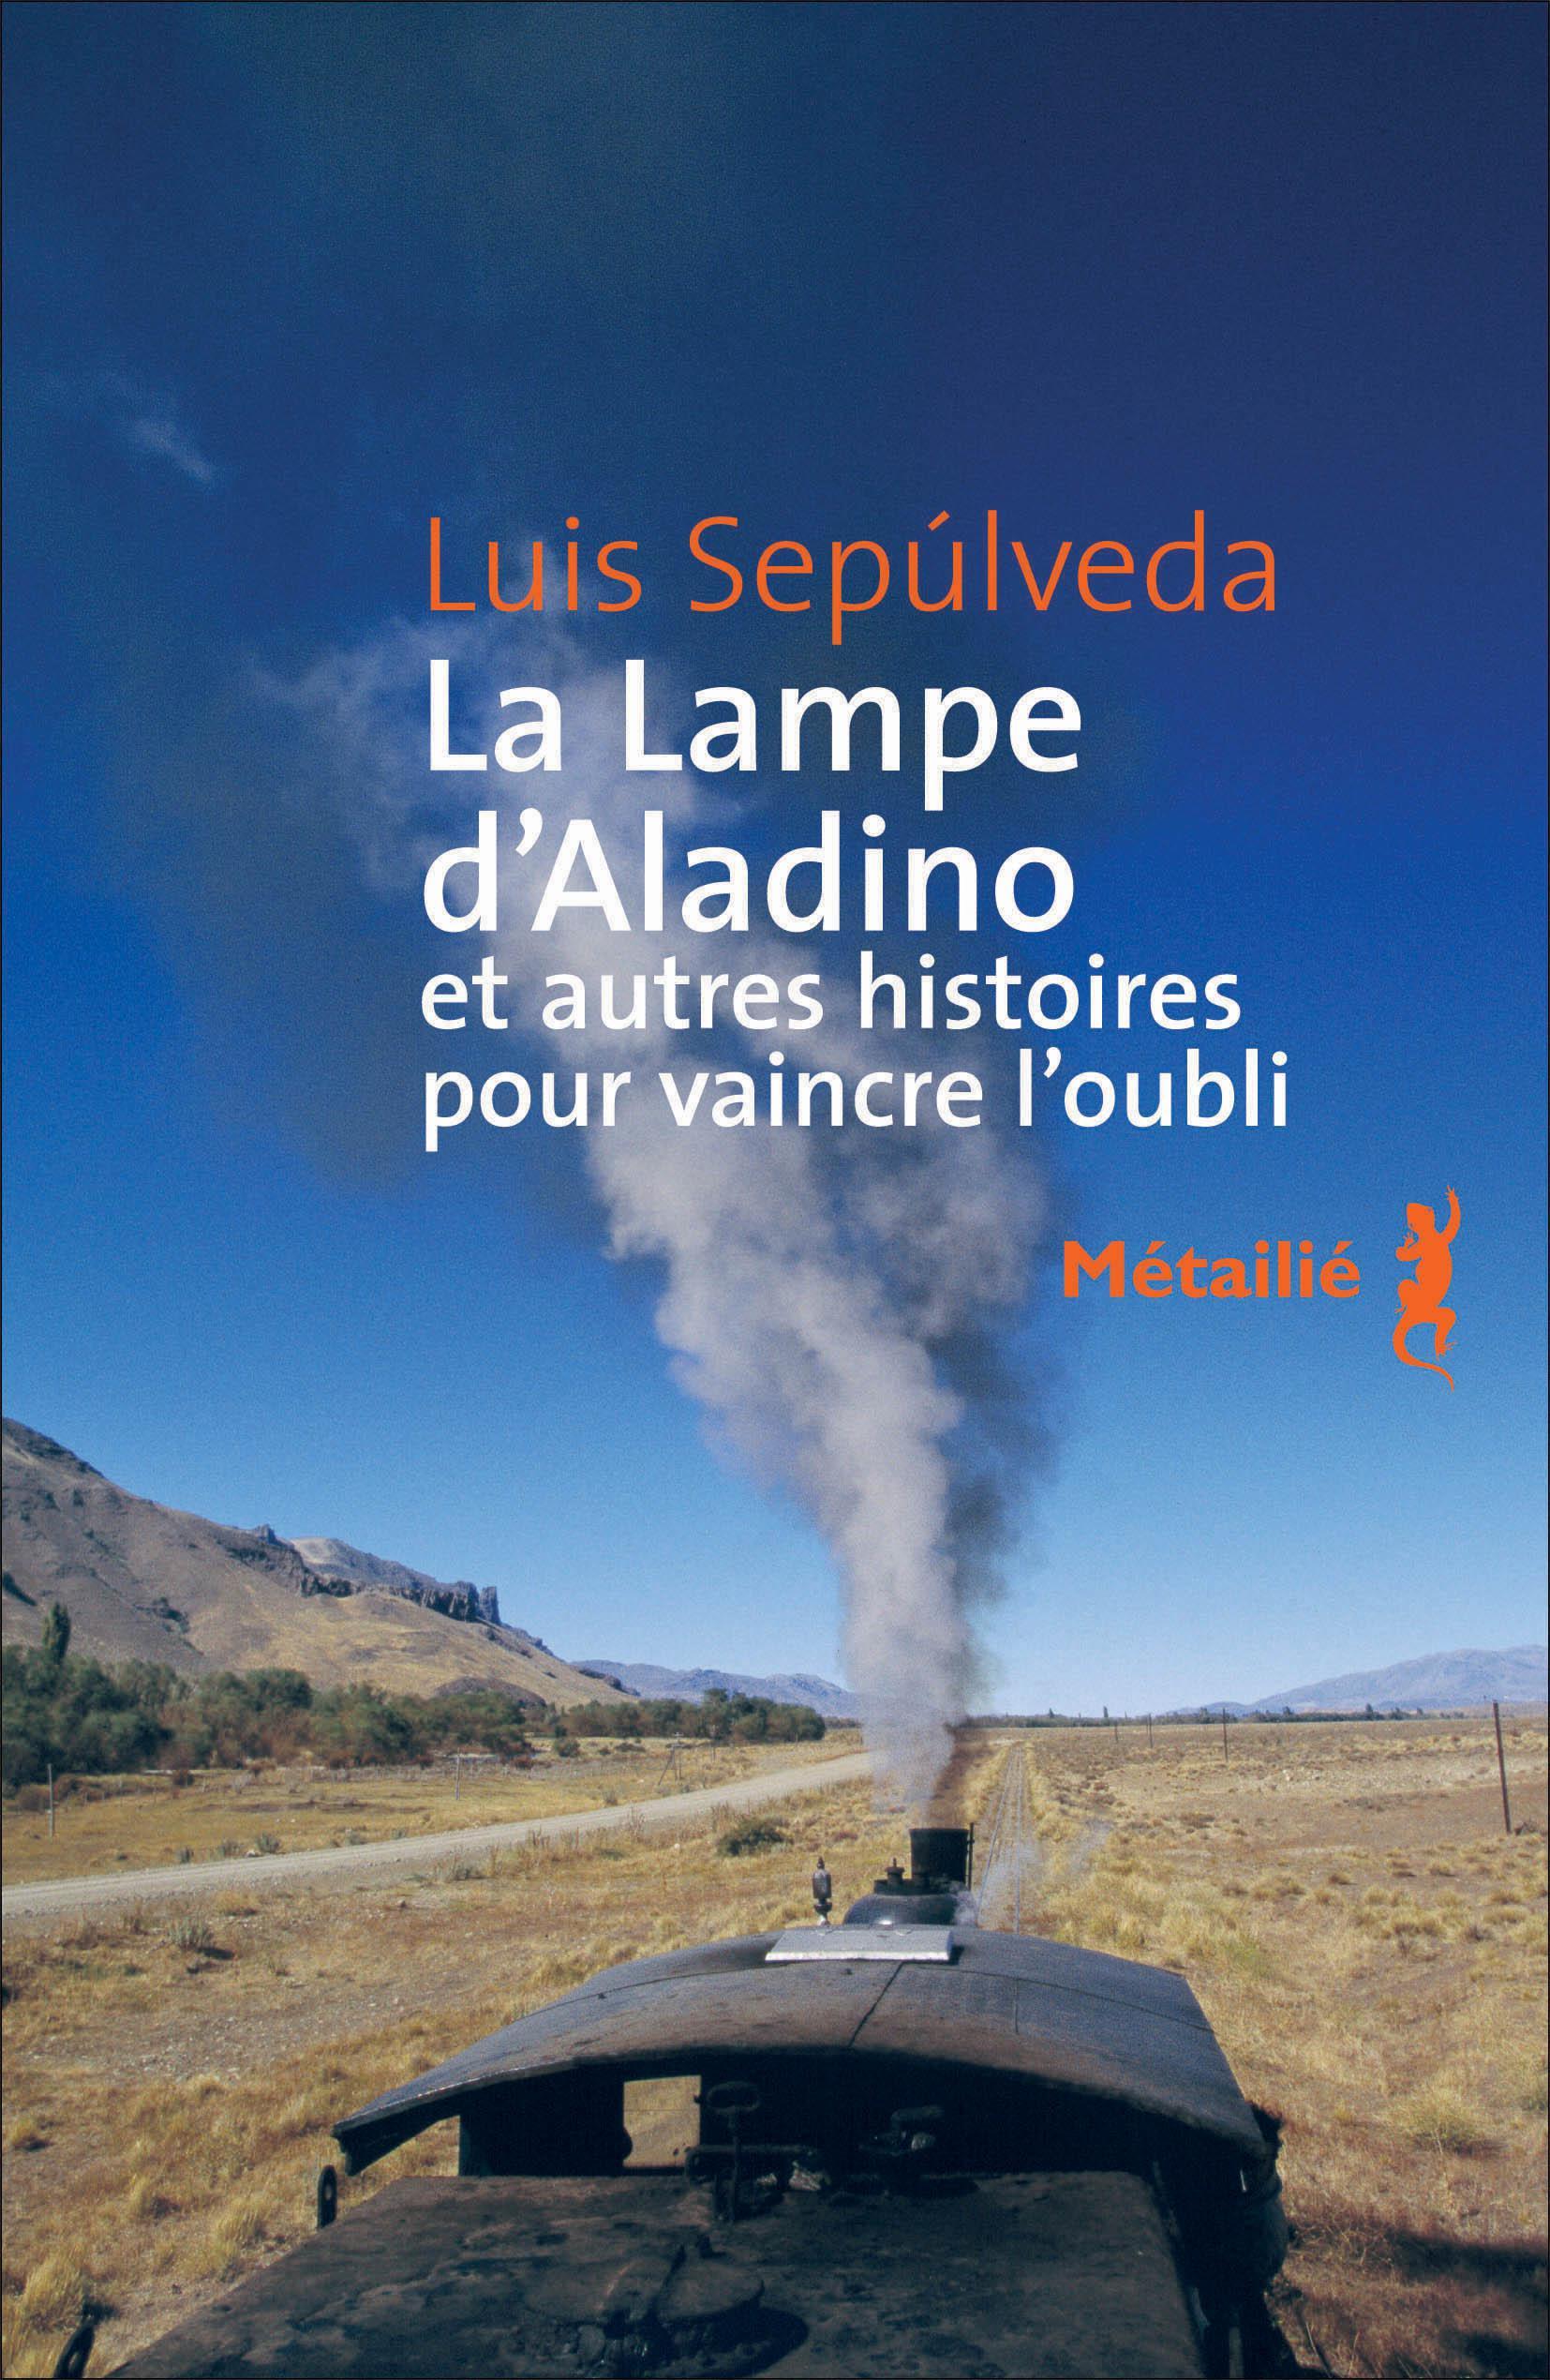 La Lampe d'Aladino et autres histoires pour vaincre l'oubli